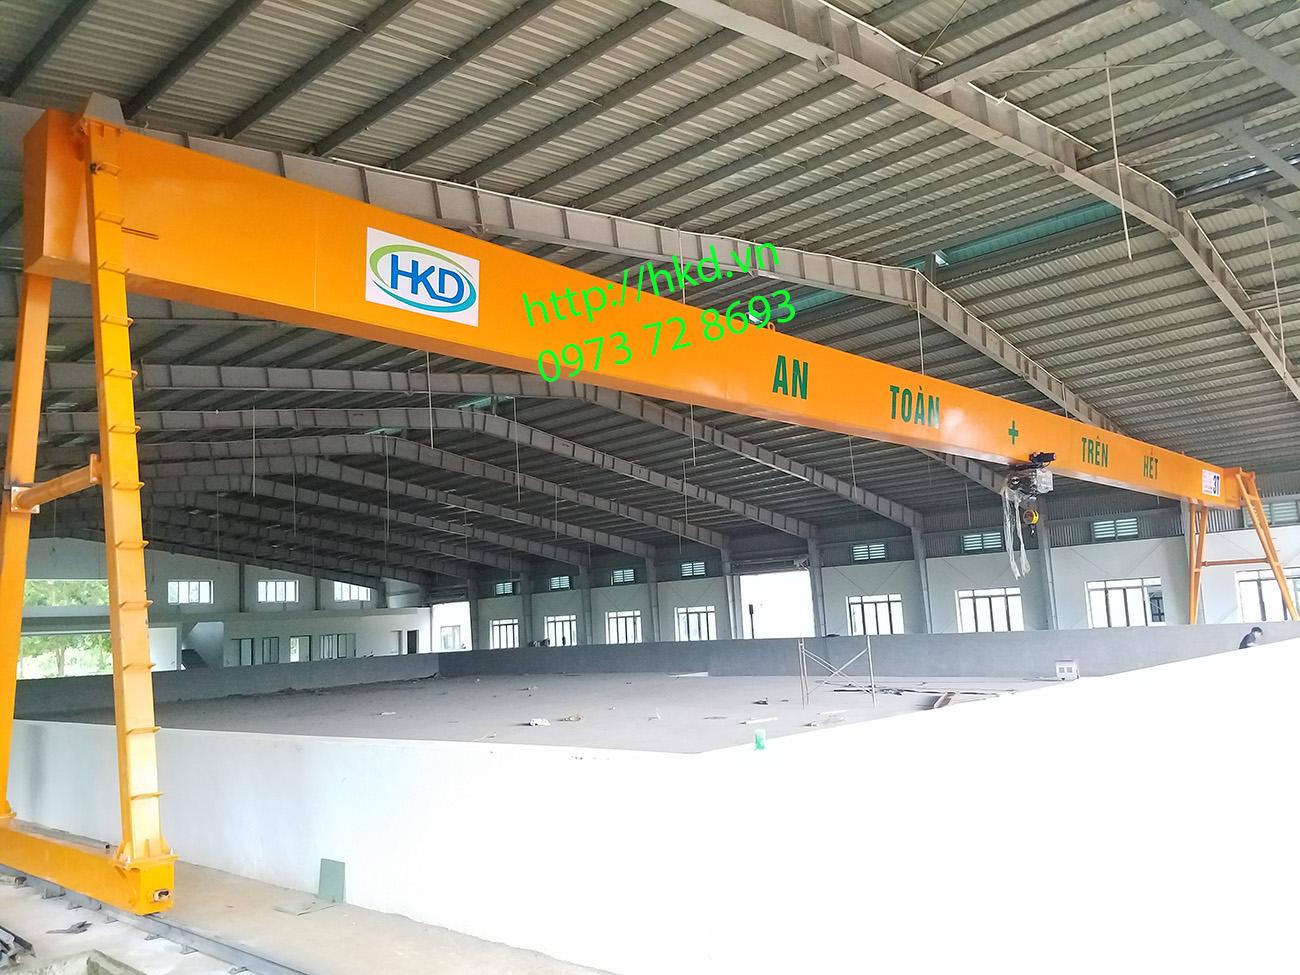 Cổng trục dầm đơn 3 tấn tại HKD cung cấp lắp đặt